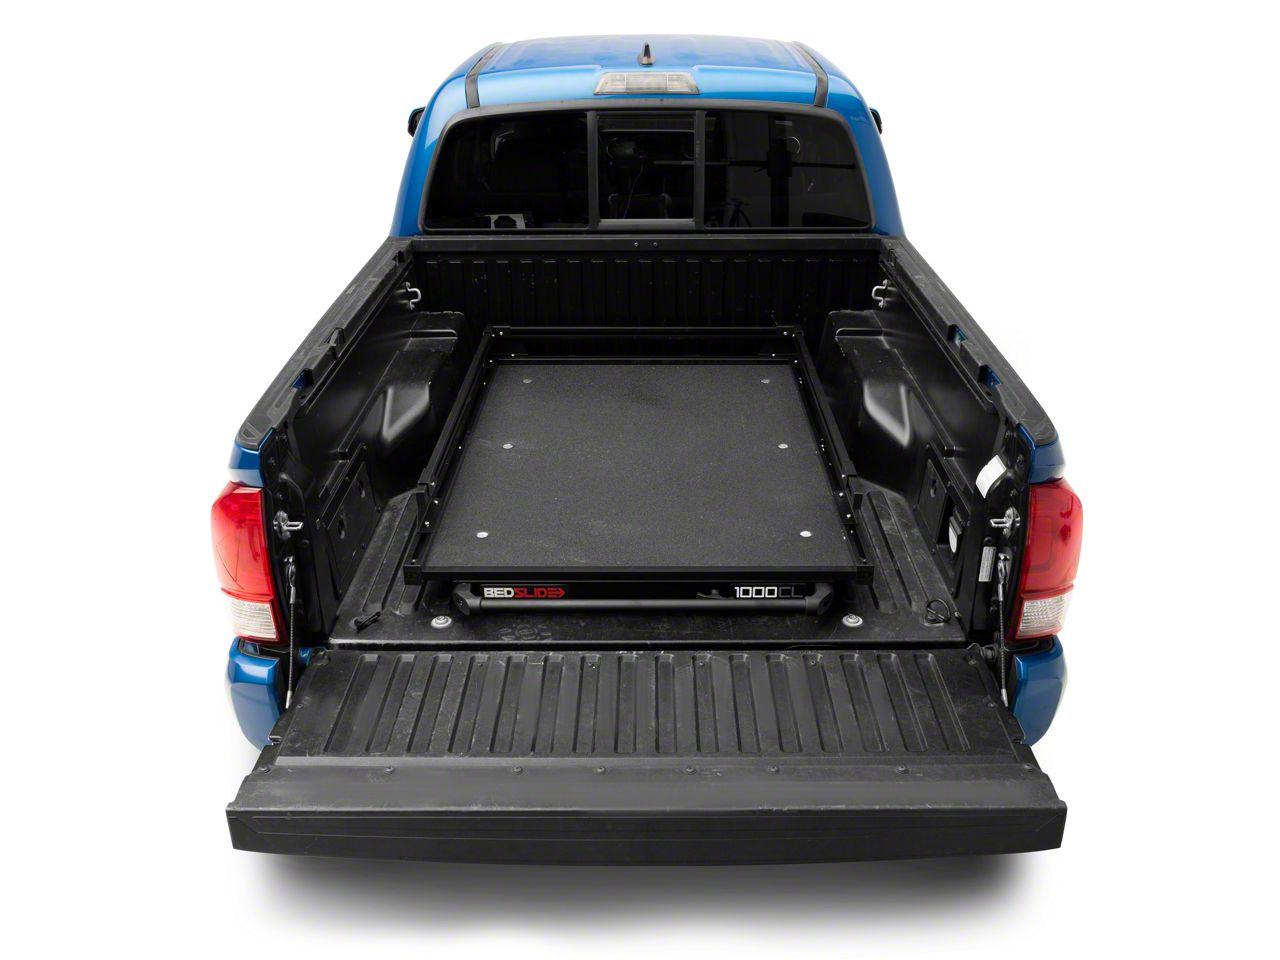 Bedslide 1000 Classic Bed Cargo Slide - Black (05-19 Tacoma)